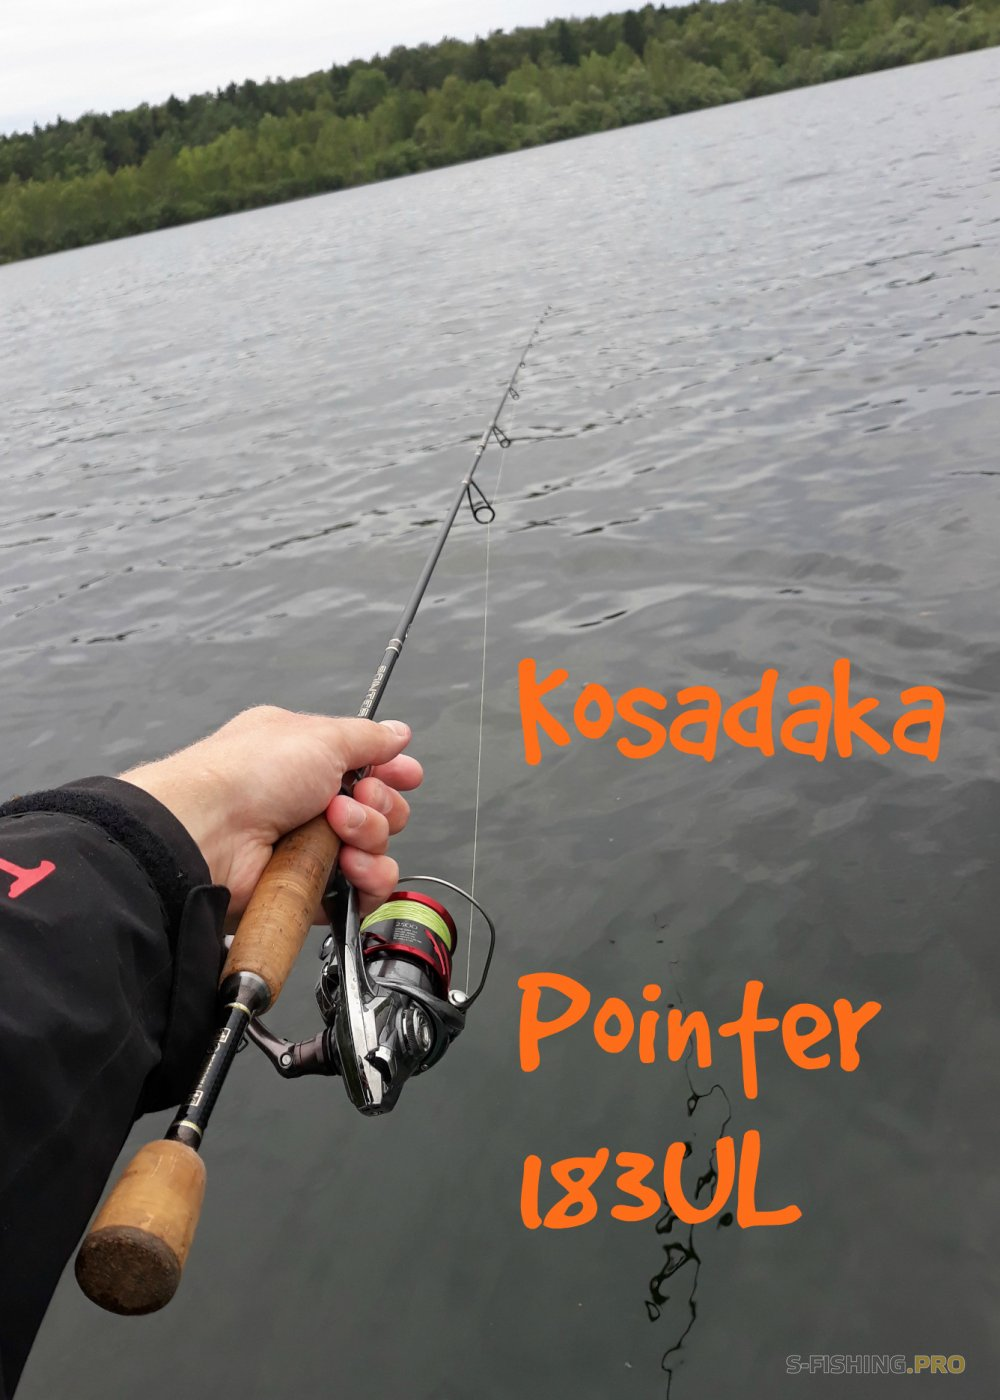 Обзоры: Обзор спиннинга для микроджига Kosadaka Pointer